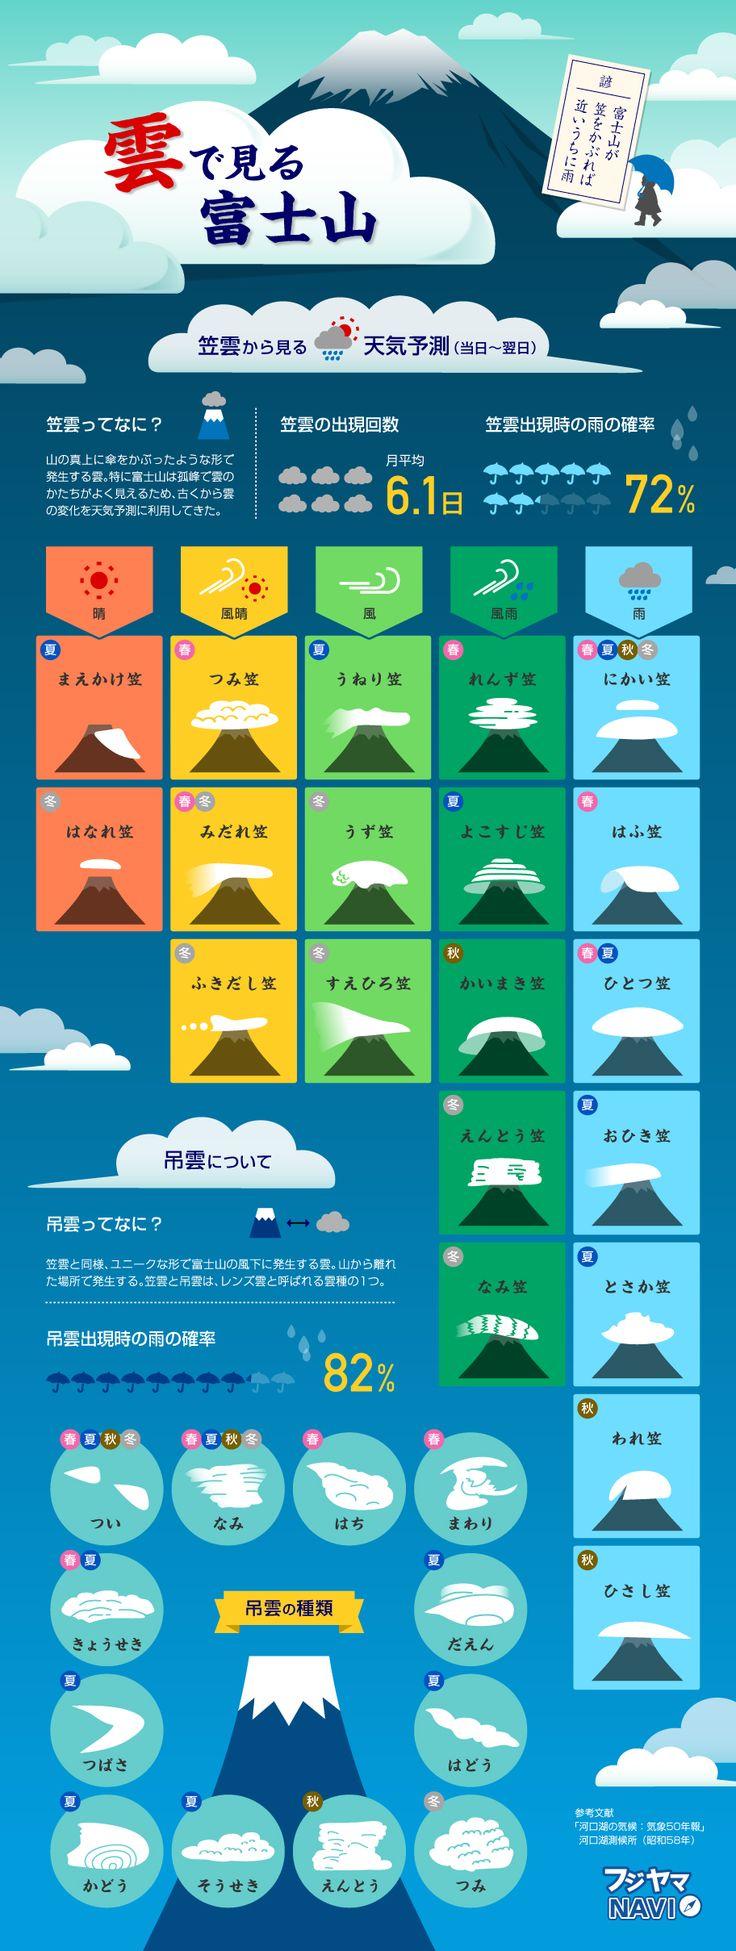 富士山の笠雲と吊雲を見れば、明日の天気が分かるを表すインフォグラフィック